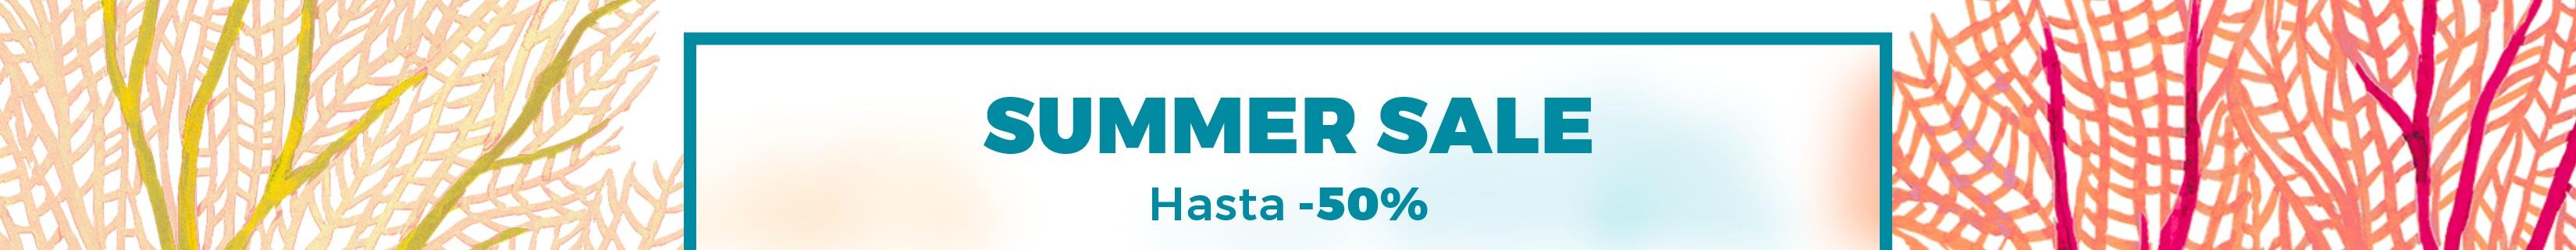 SUMMER SALES DESCUENTOS HASTA -50% EXPIRA EL 31.07